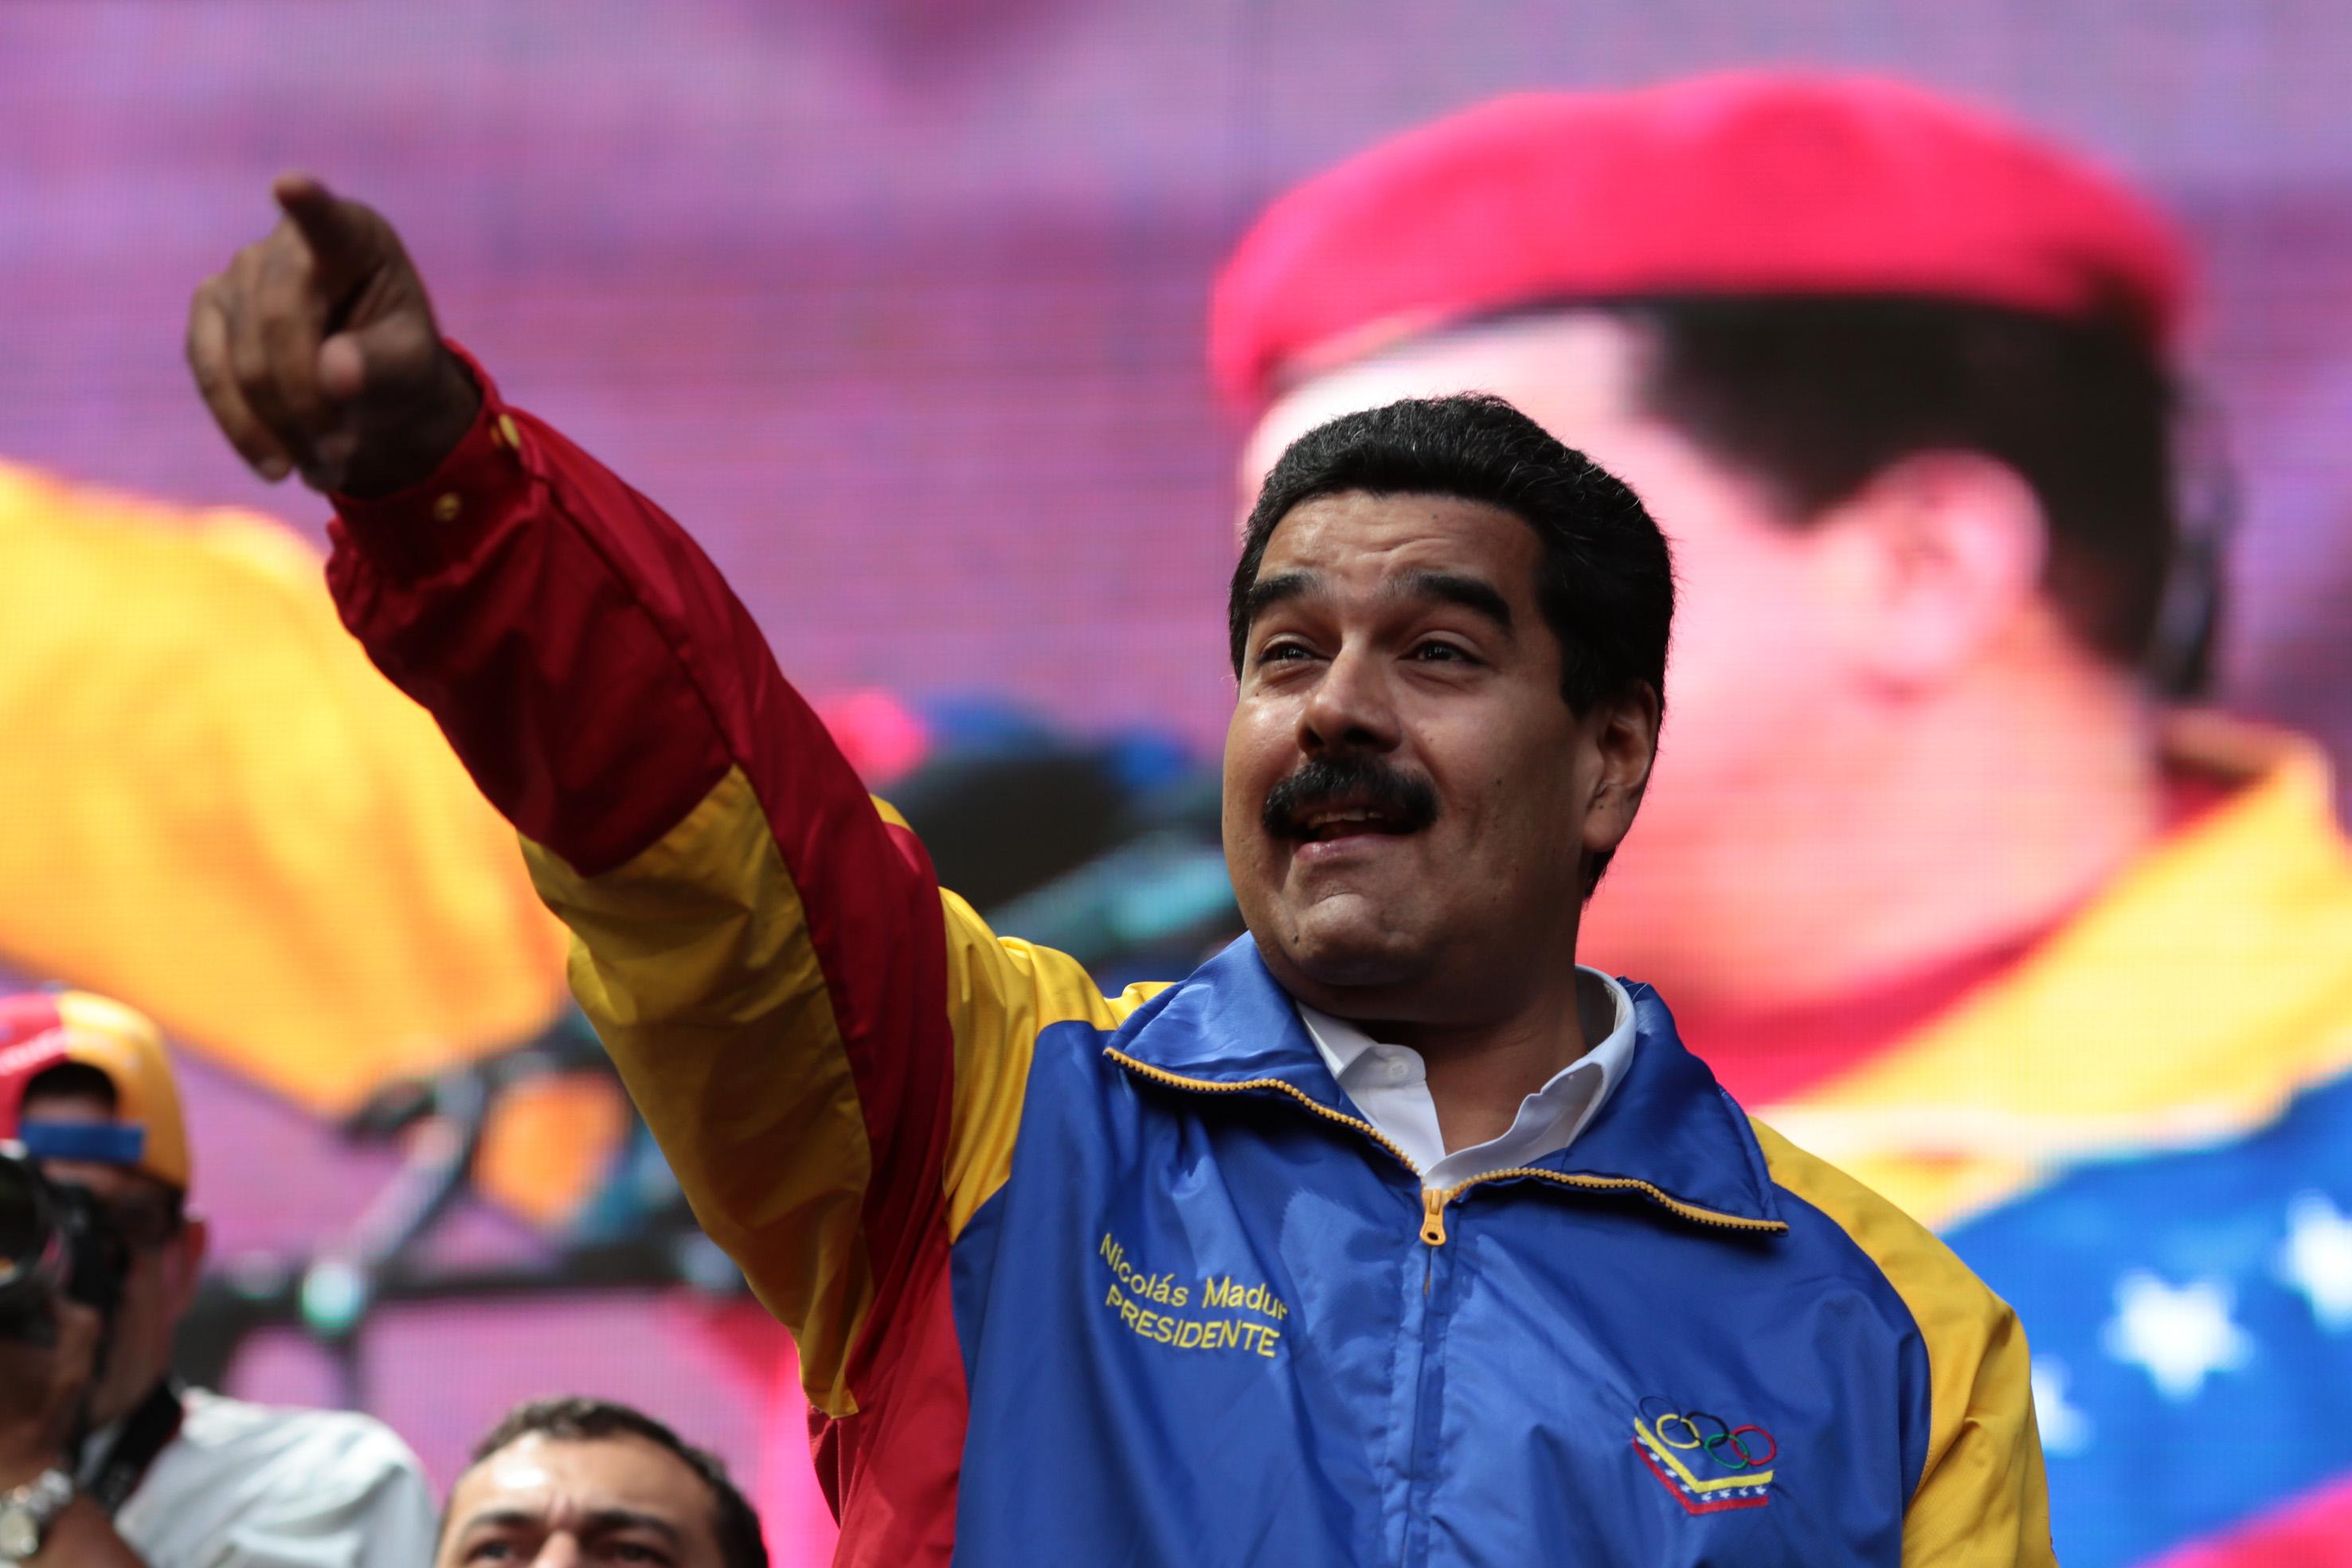 Presidente Nicolás Maduro cumple 5 años en Twitter a la vanguardia de la lucha en las Redes Sociales